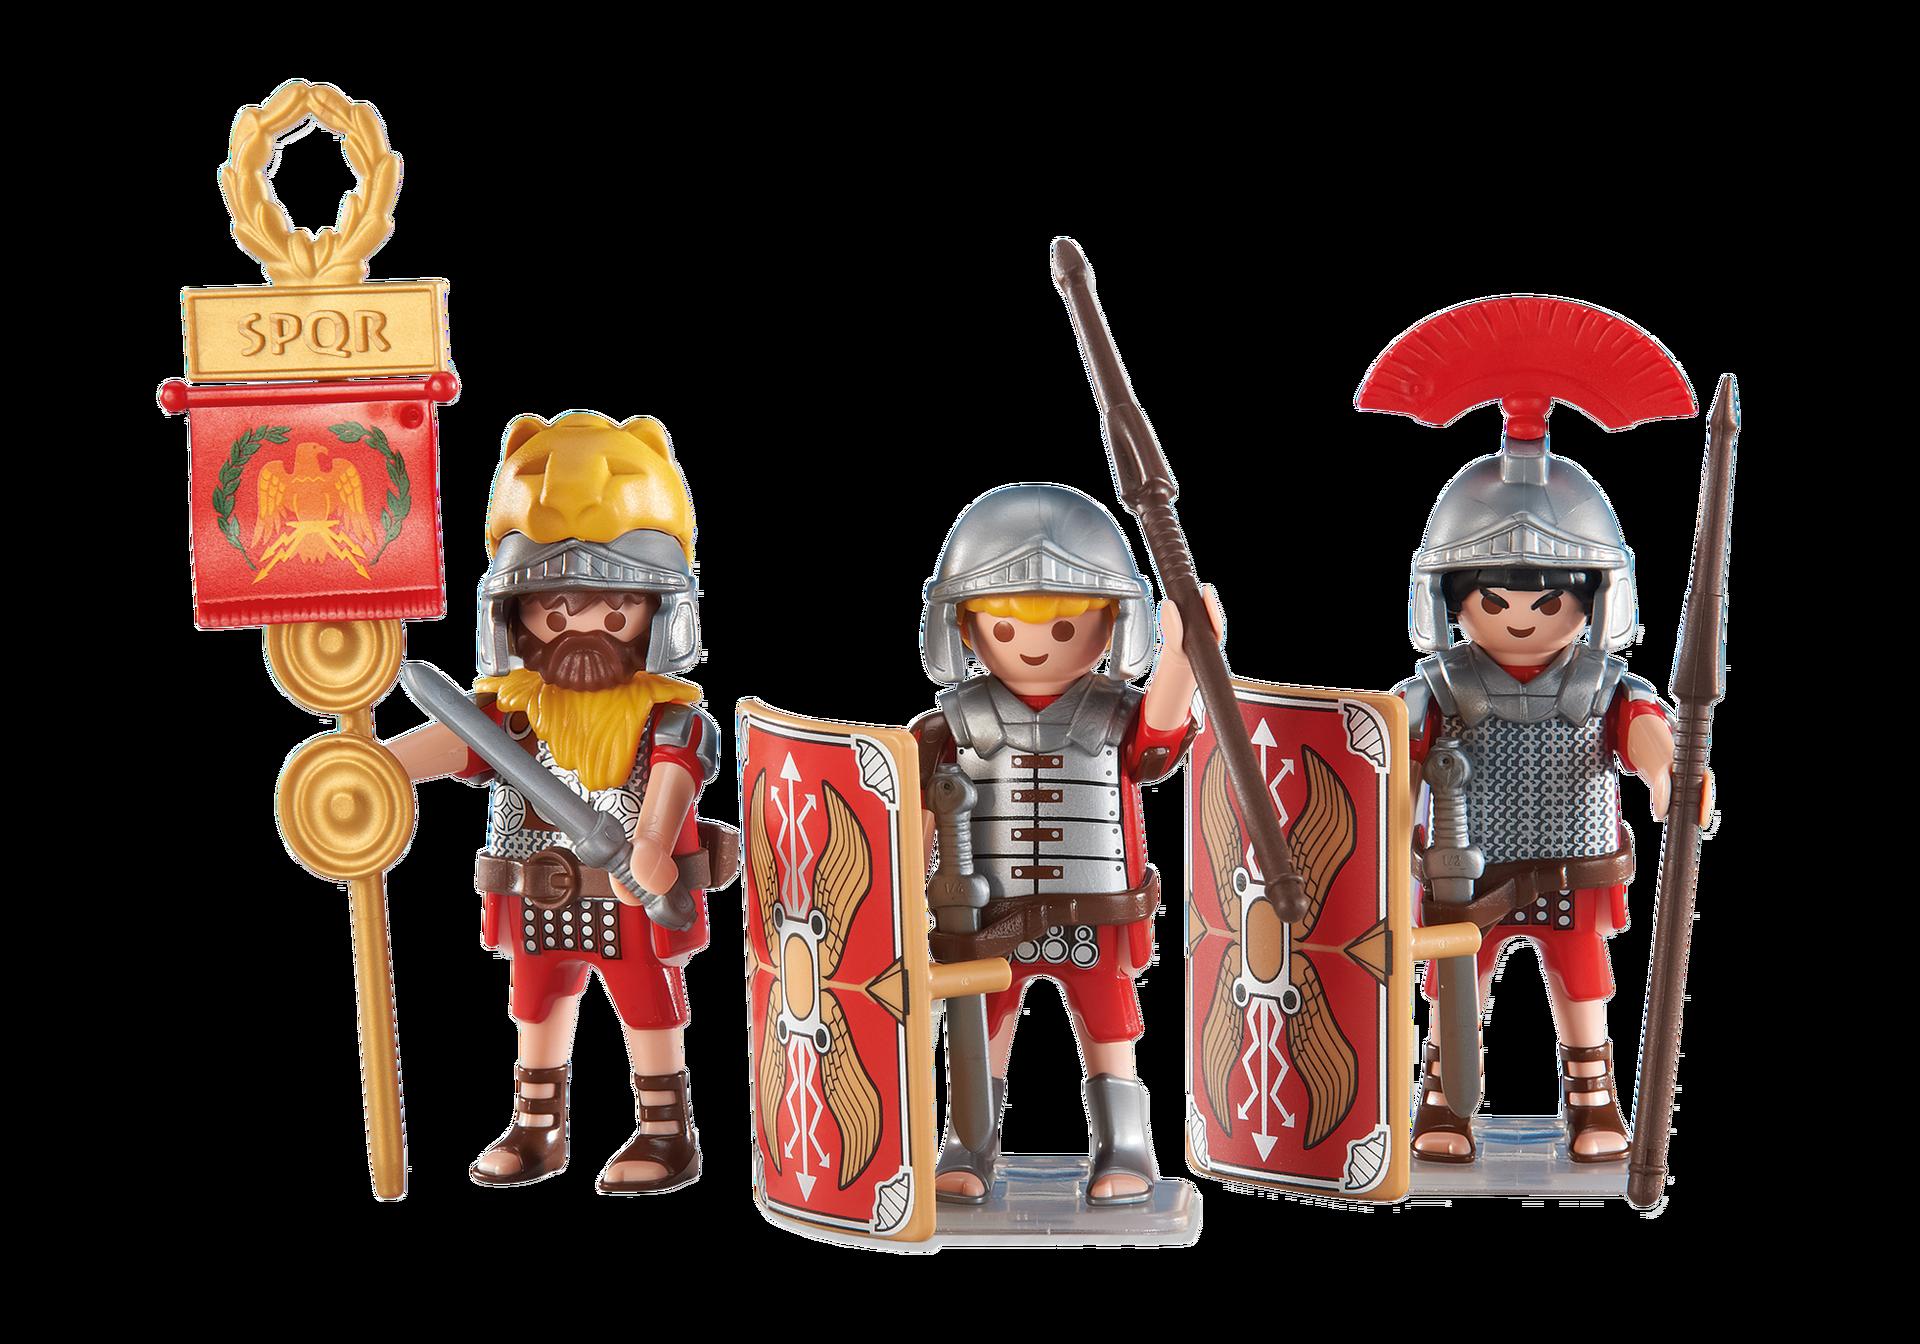 3 roman soldiers 6490 playmobil usa for Plaque pvc transparent pas cher